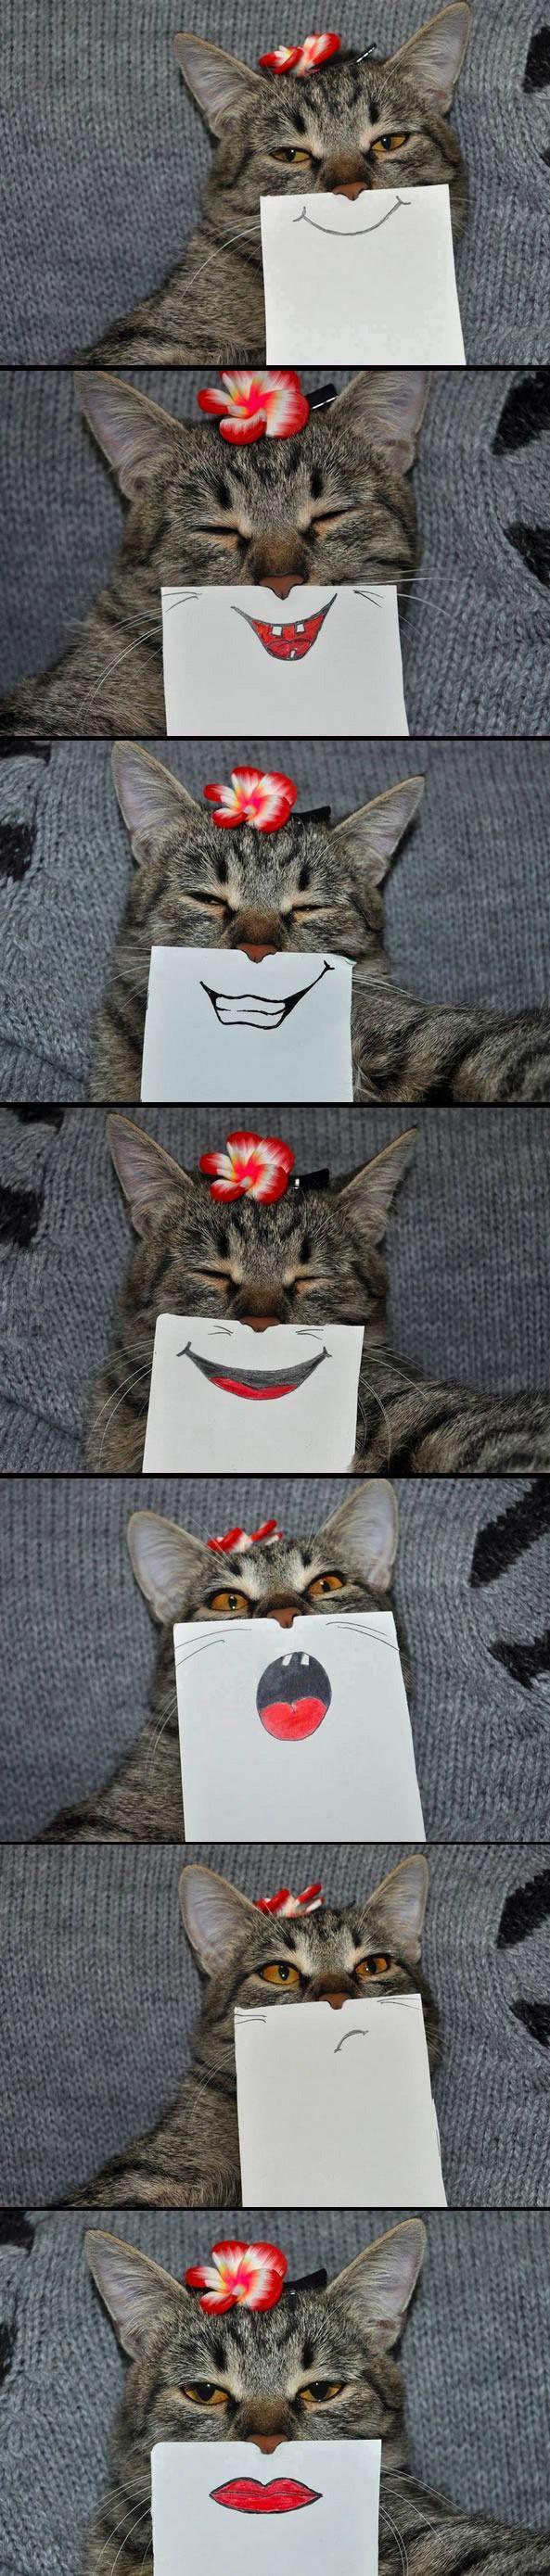 Eine Katze, eine Kamera und vieeel Freizeit | Webfail - Fail Bilder und Fail Videos